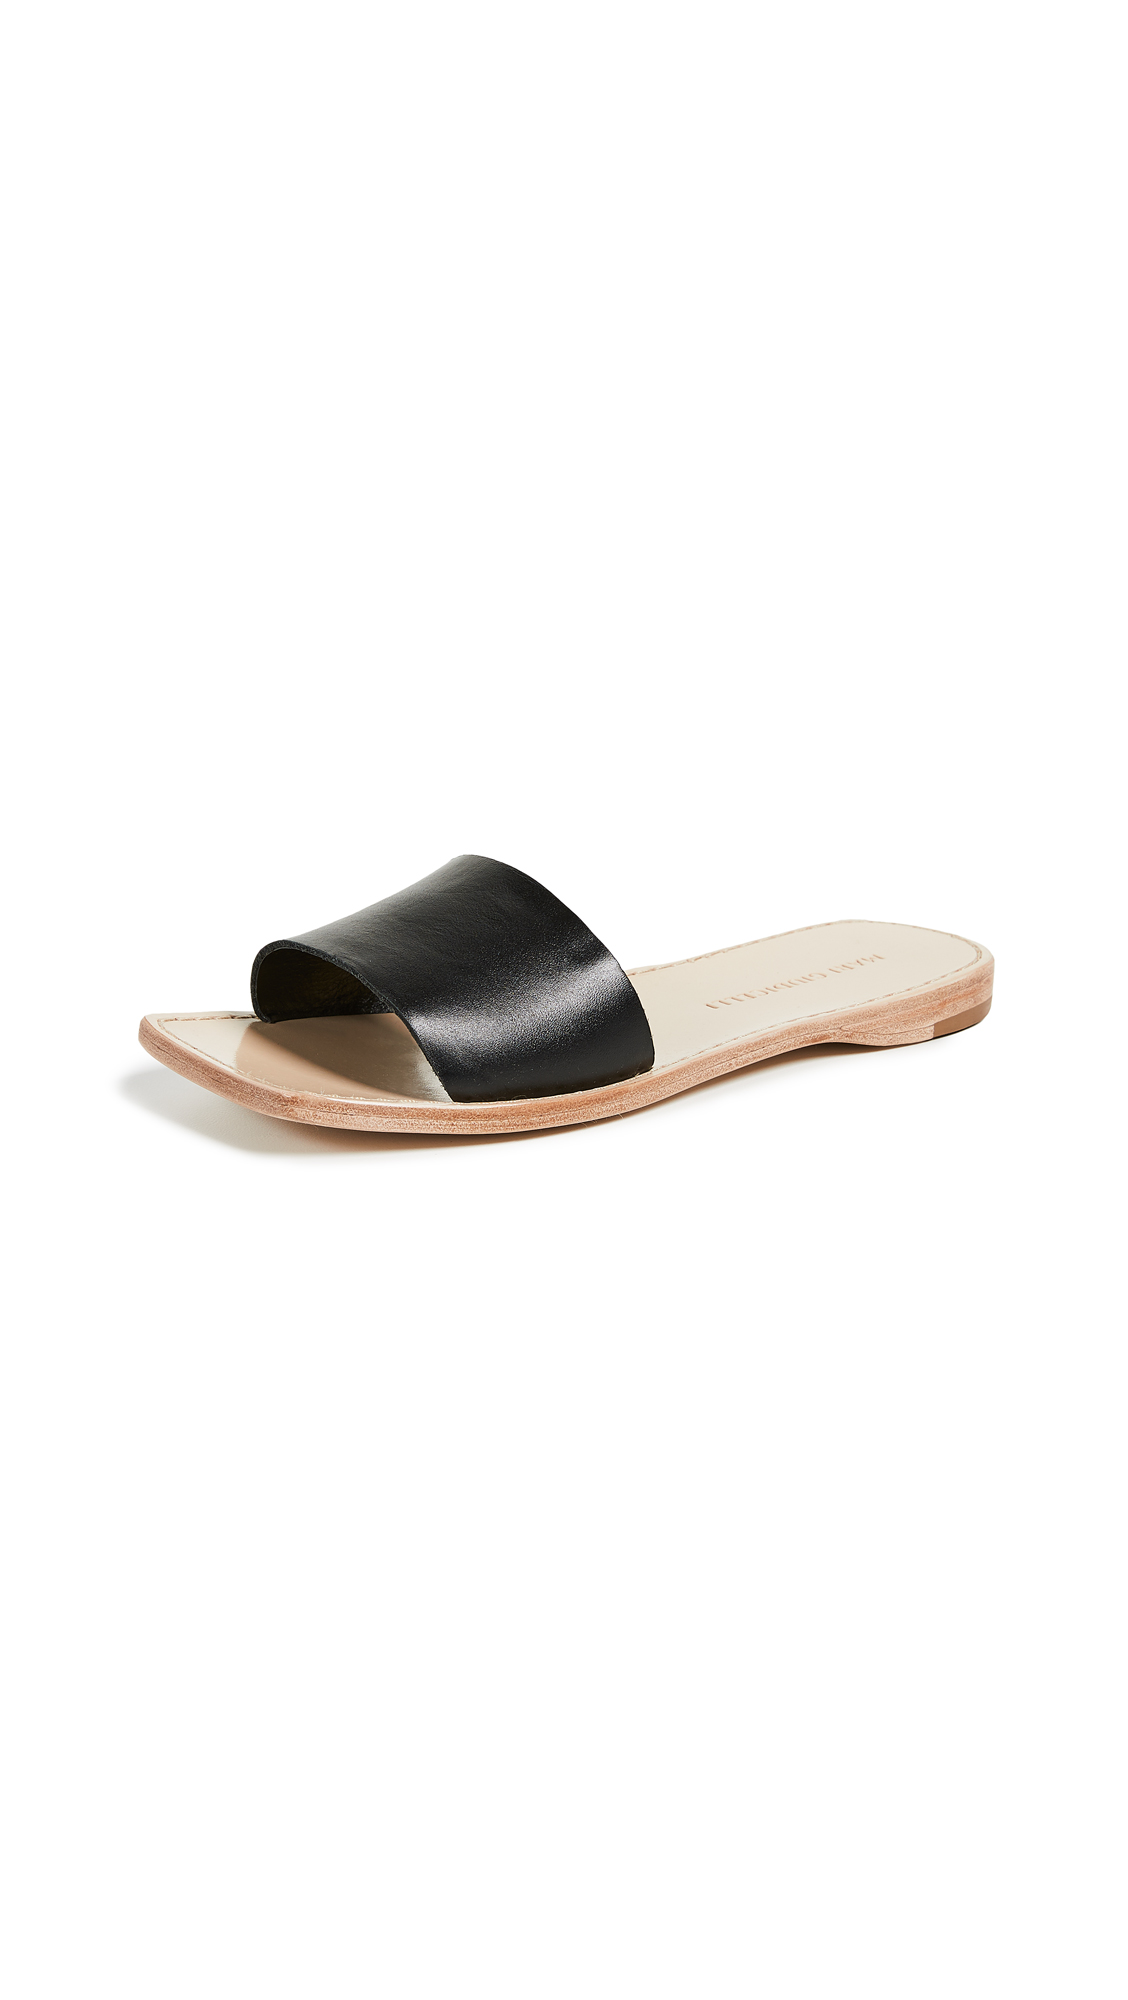 Mari Giudicelli Porto Sandals - Black